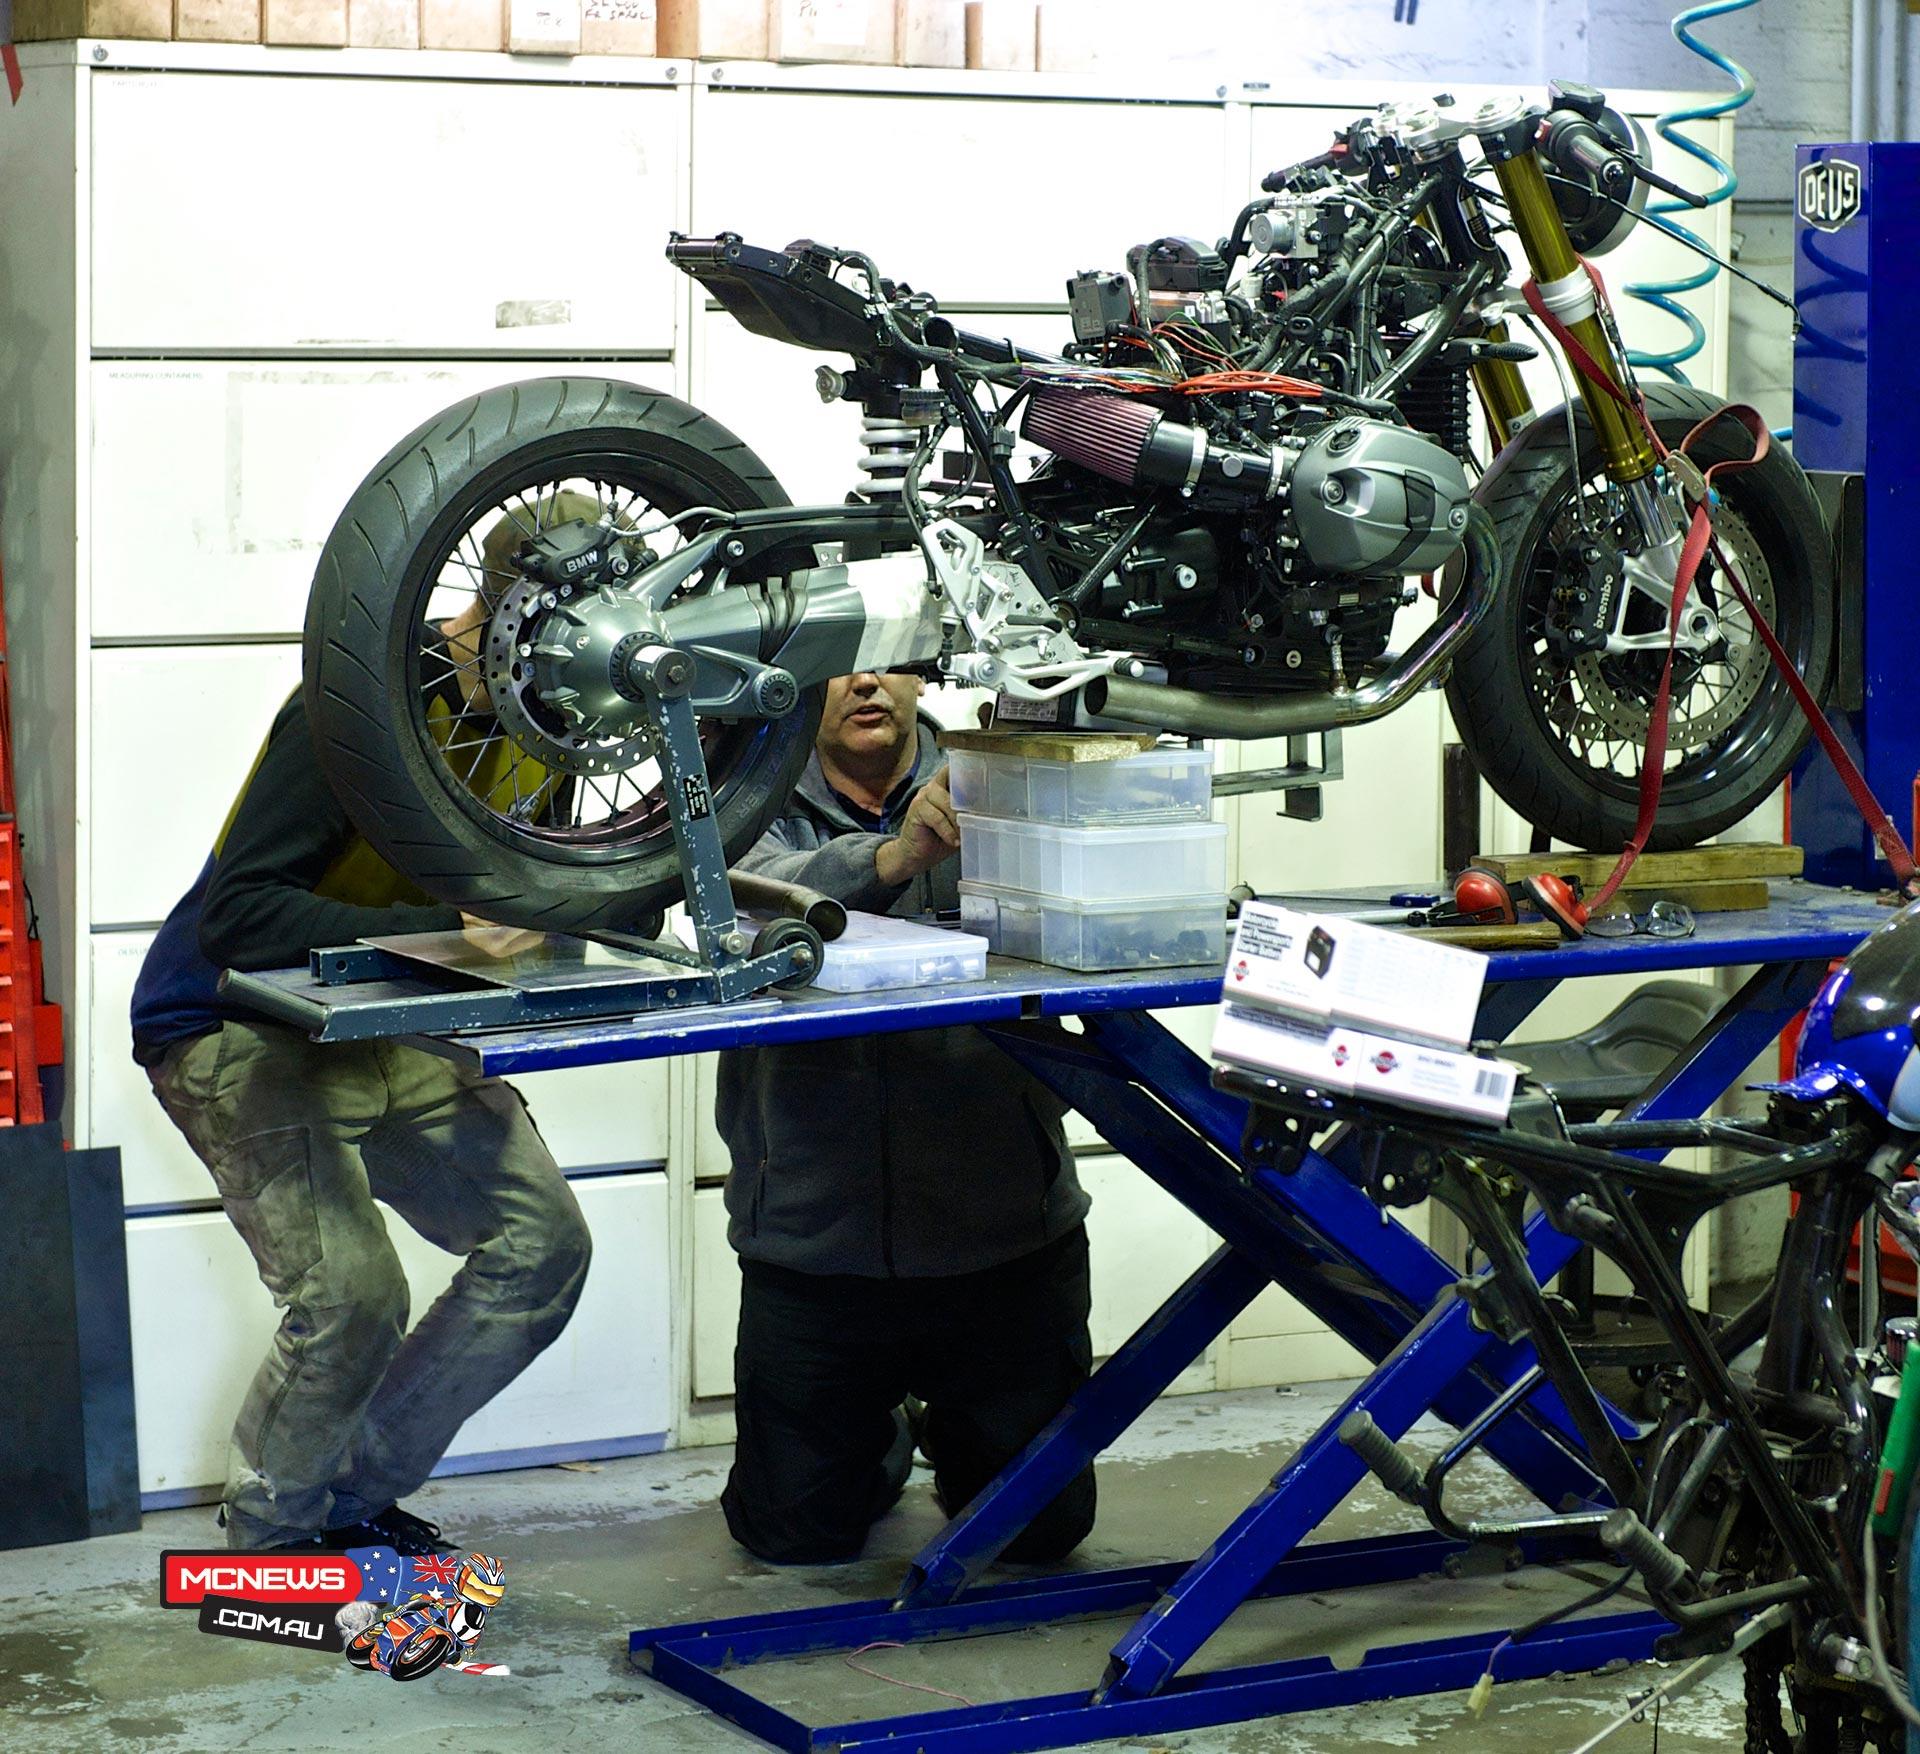 Deus R nineT. Project Deus / BMW Motorrad R nineT